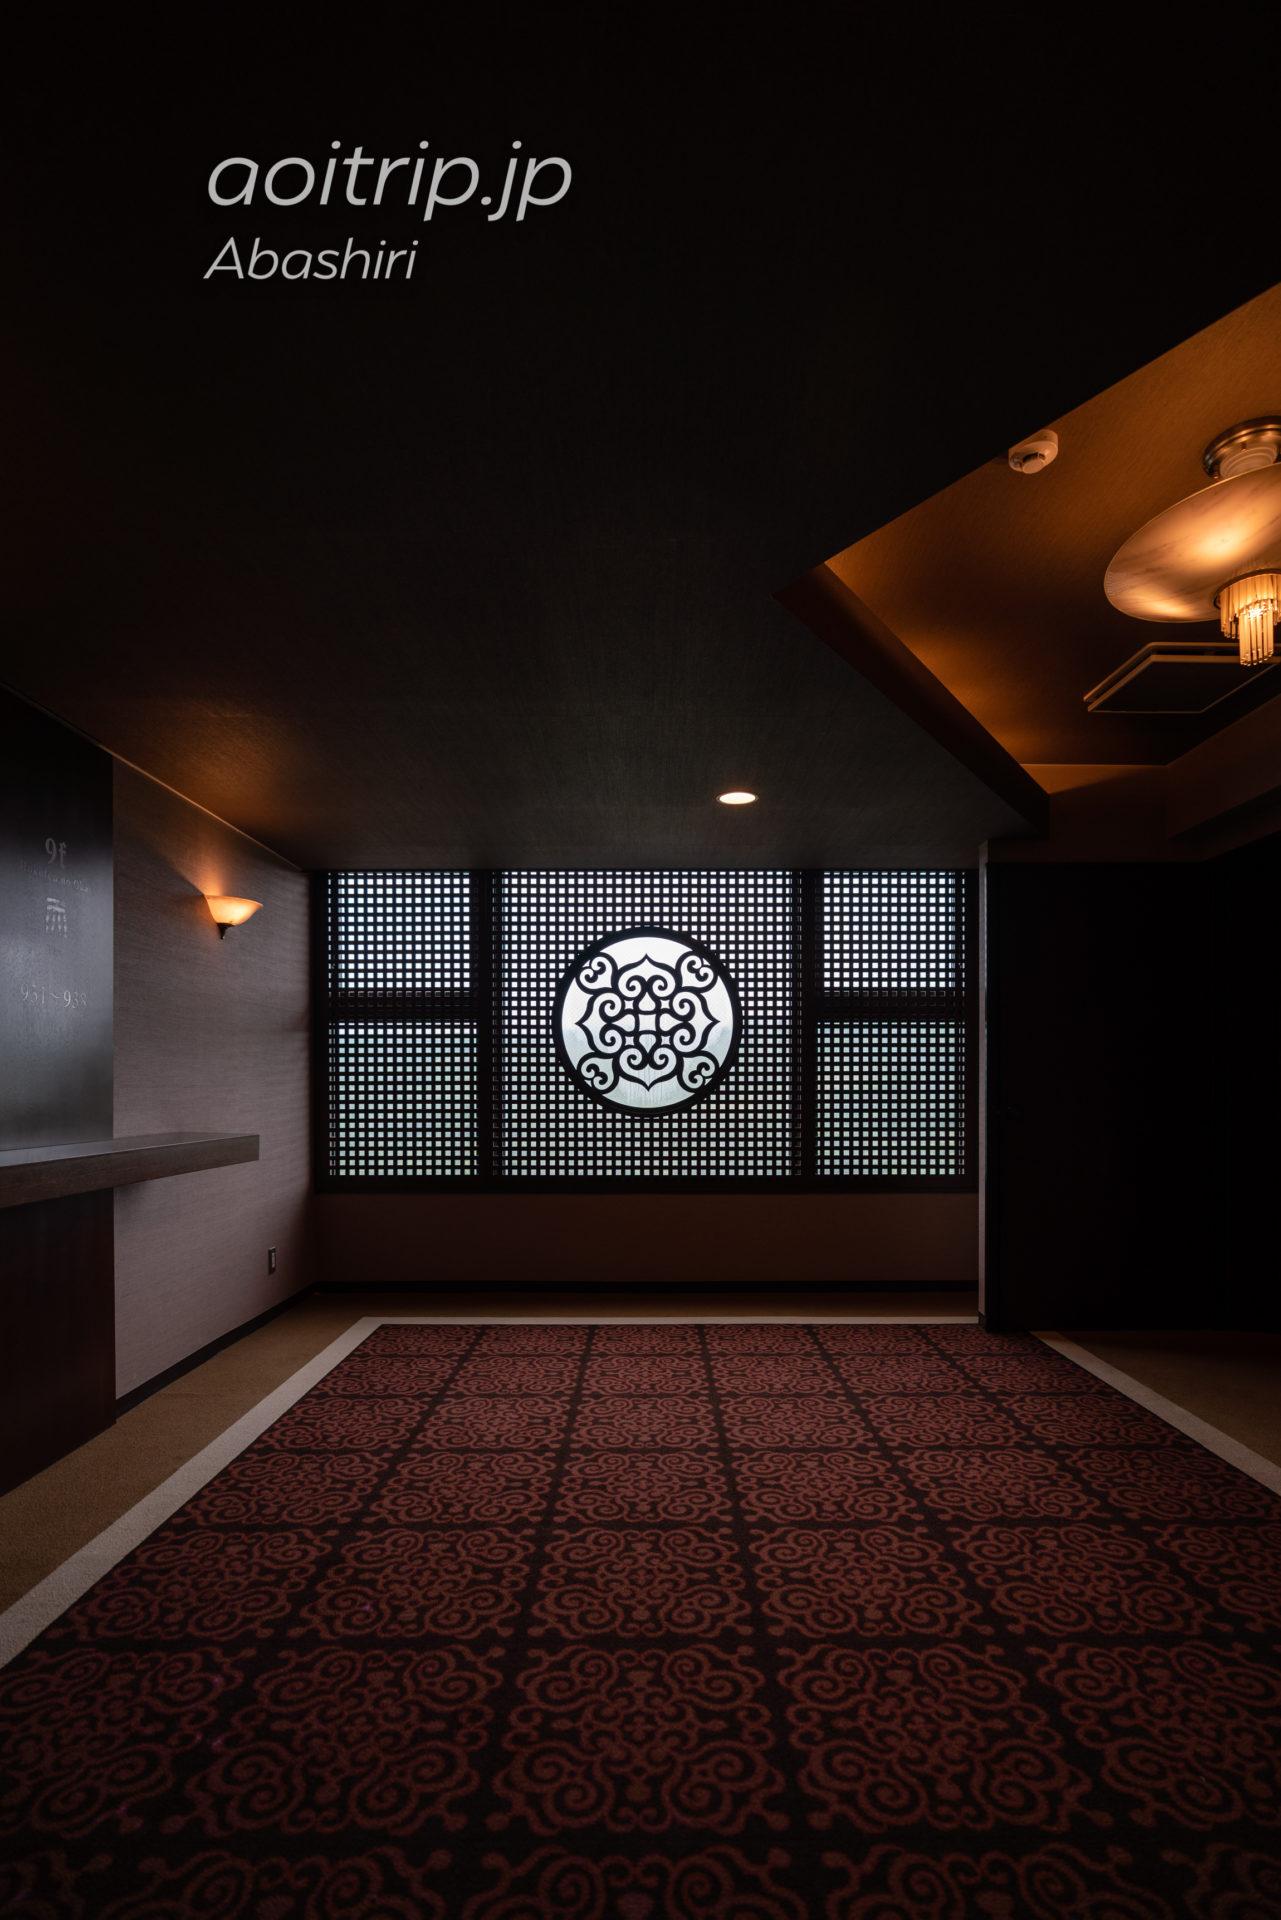 北天の丘あばしり湖鶴雅リゾート 宿泊記|Hokuten no Oka Lake Abashiri Tsuruga Resort